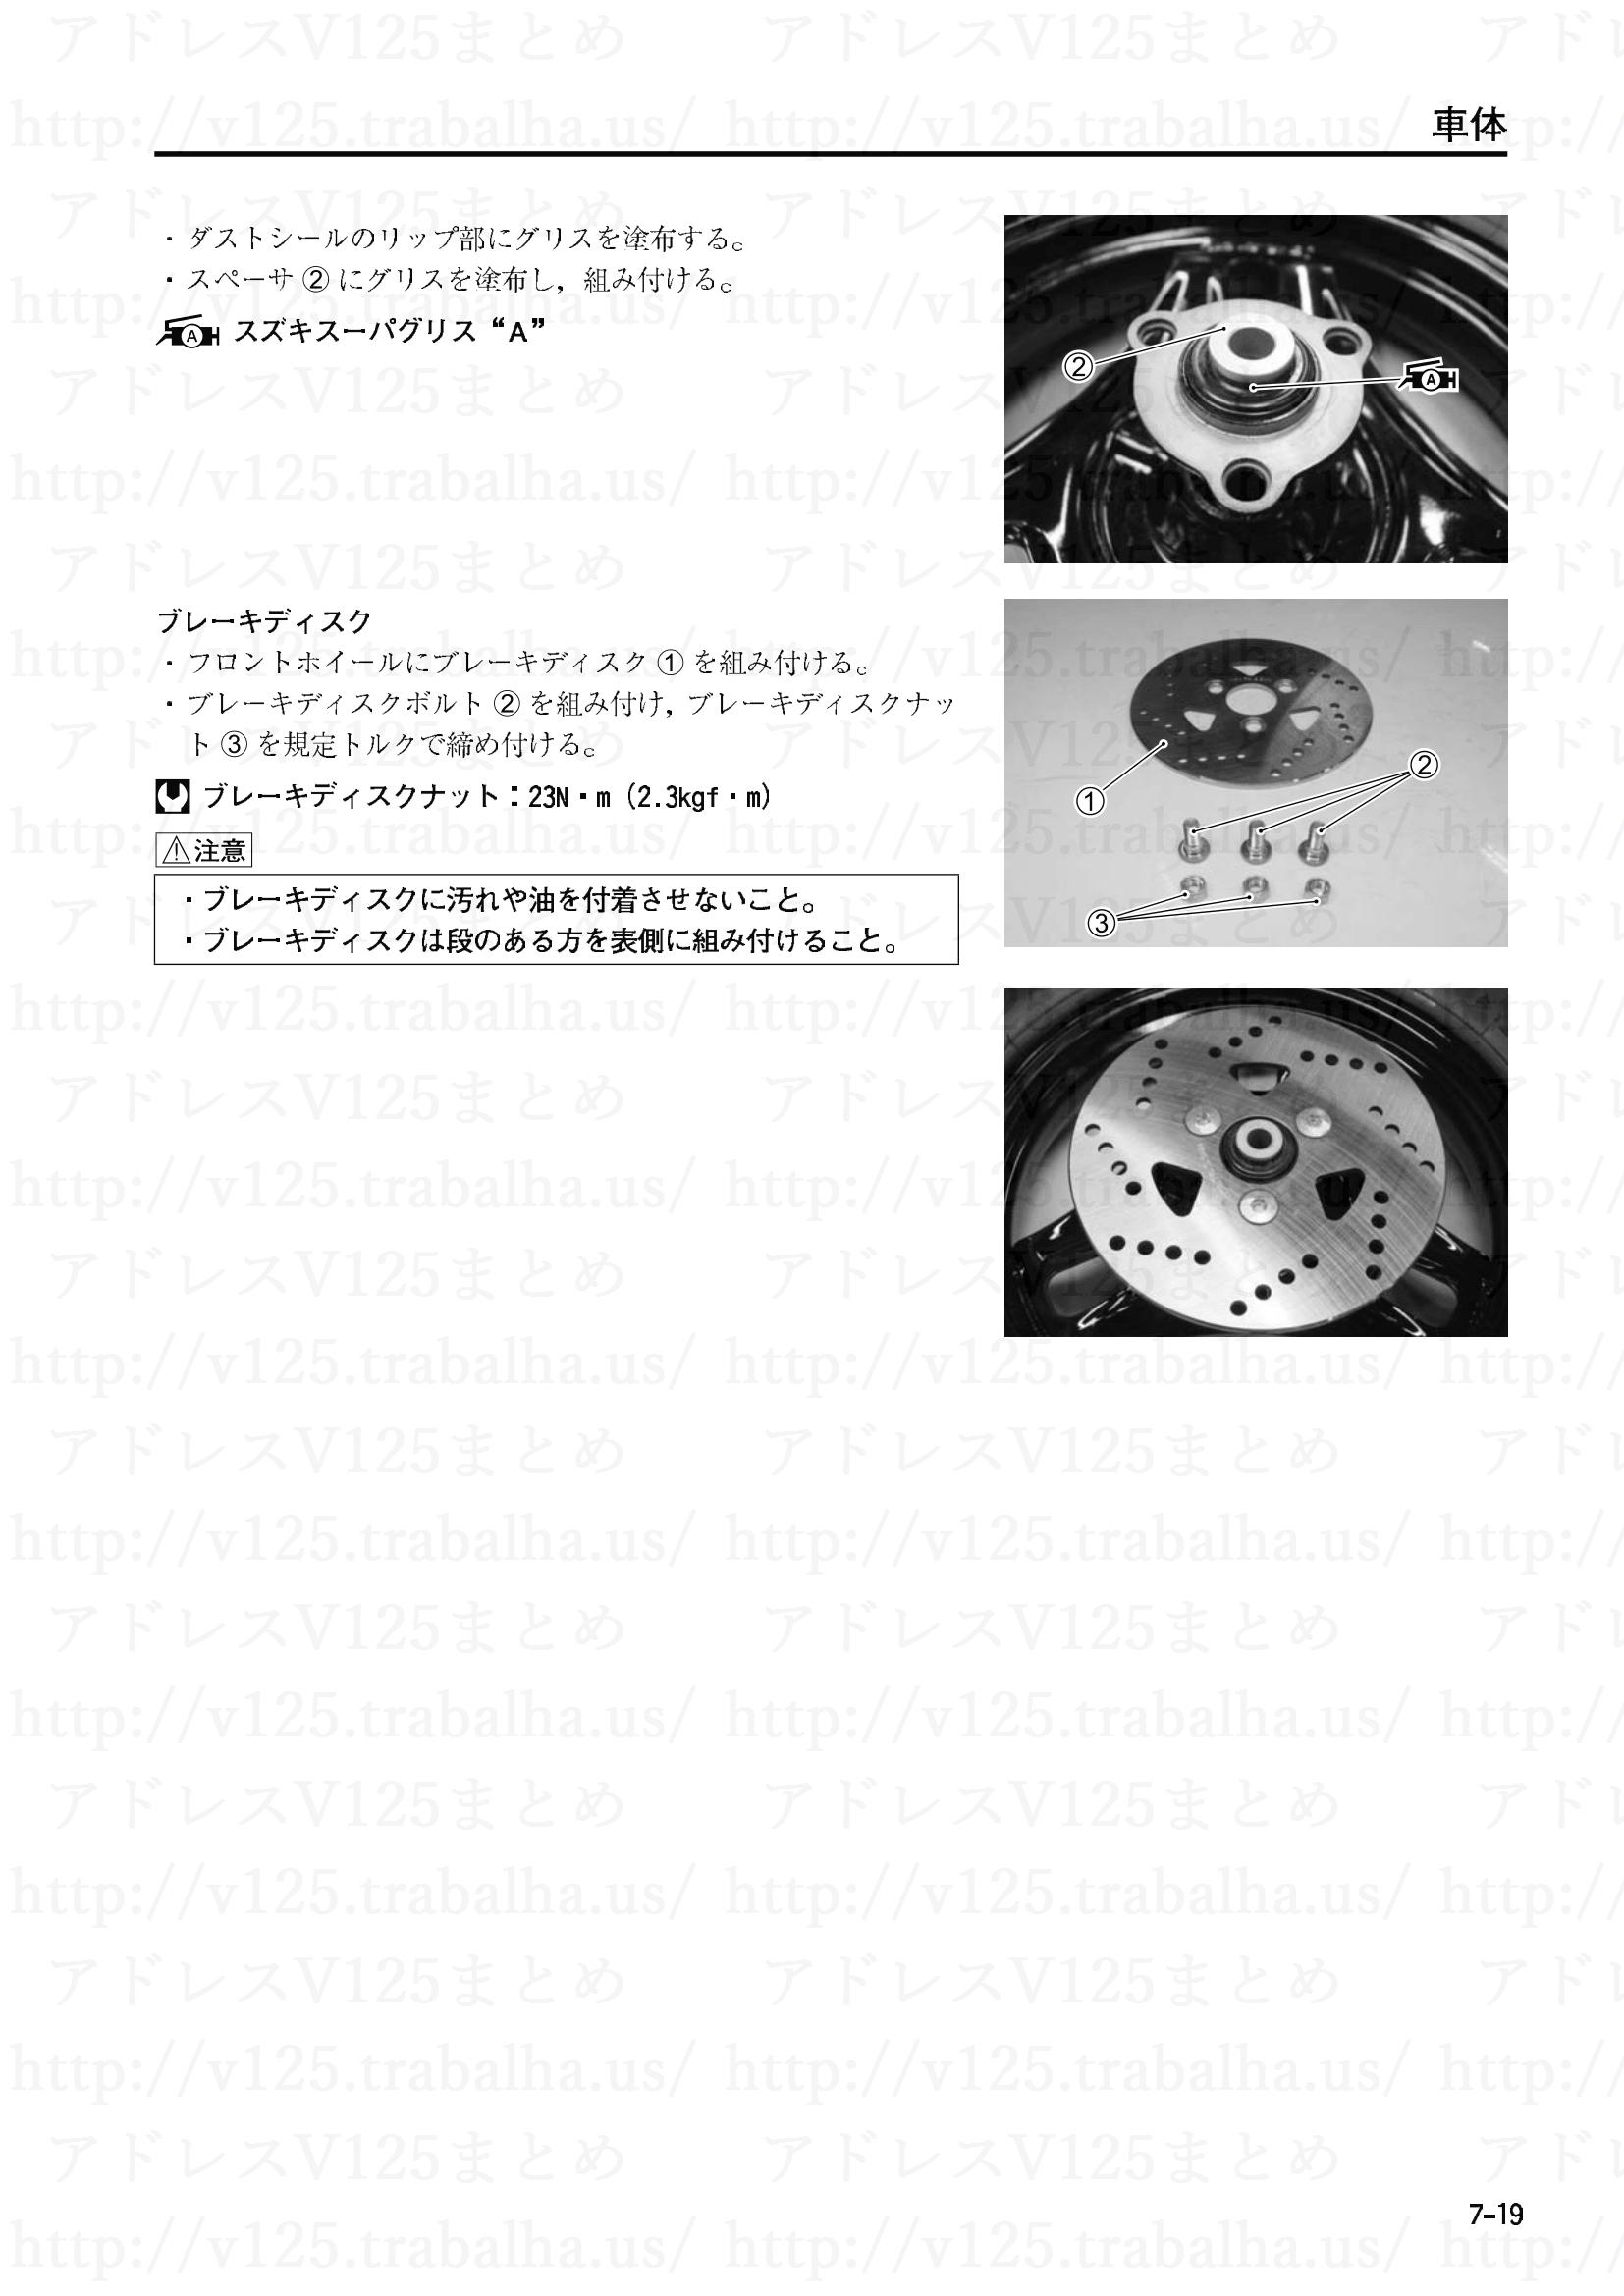 7-19【車体】組立てと取付け3